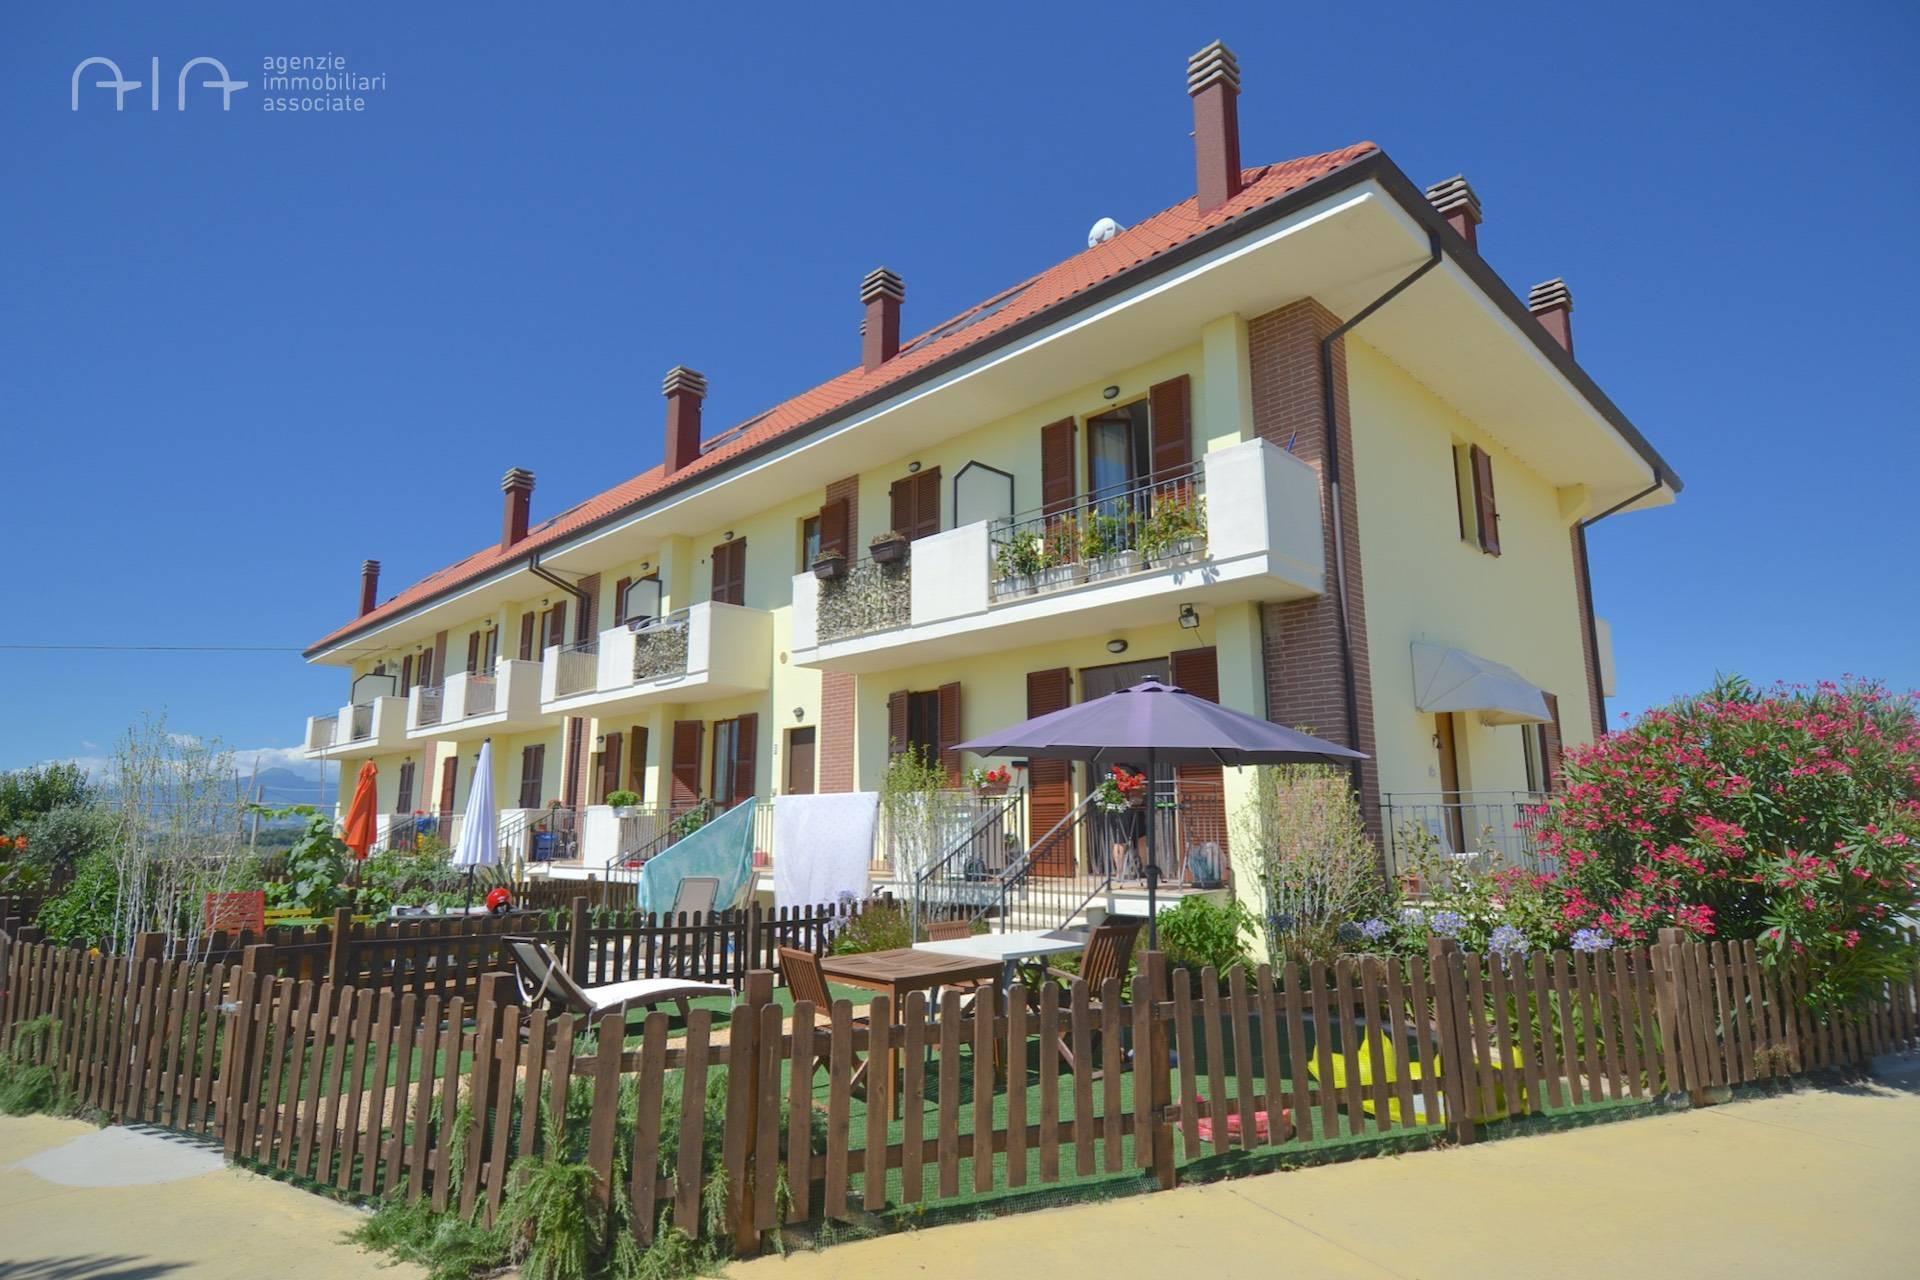 Appartamento in vendita a Monteprandone, 3 locali, zona Località: Collinare, prezzo € 110.000 | PortaleAgenzieImmobiliari.it